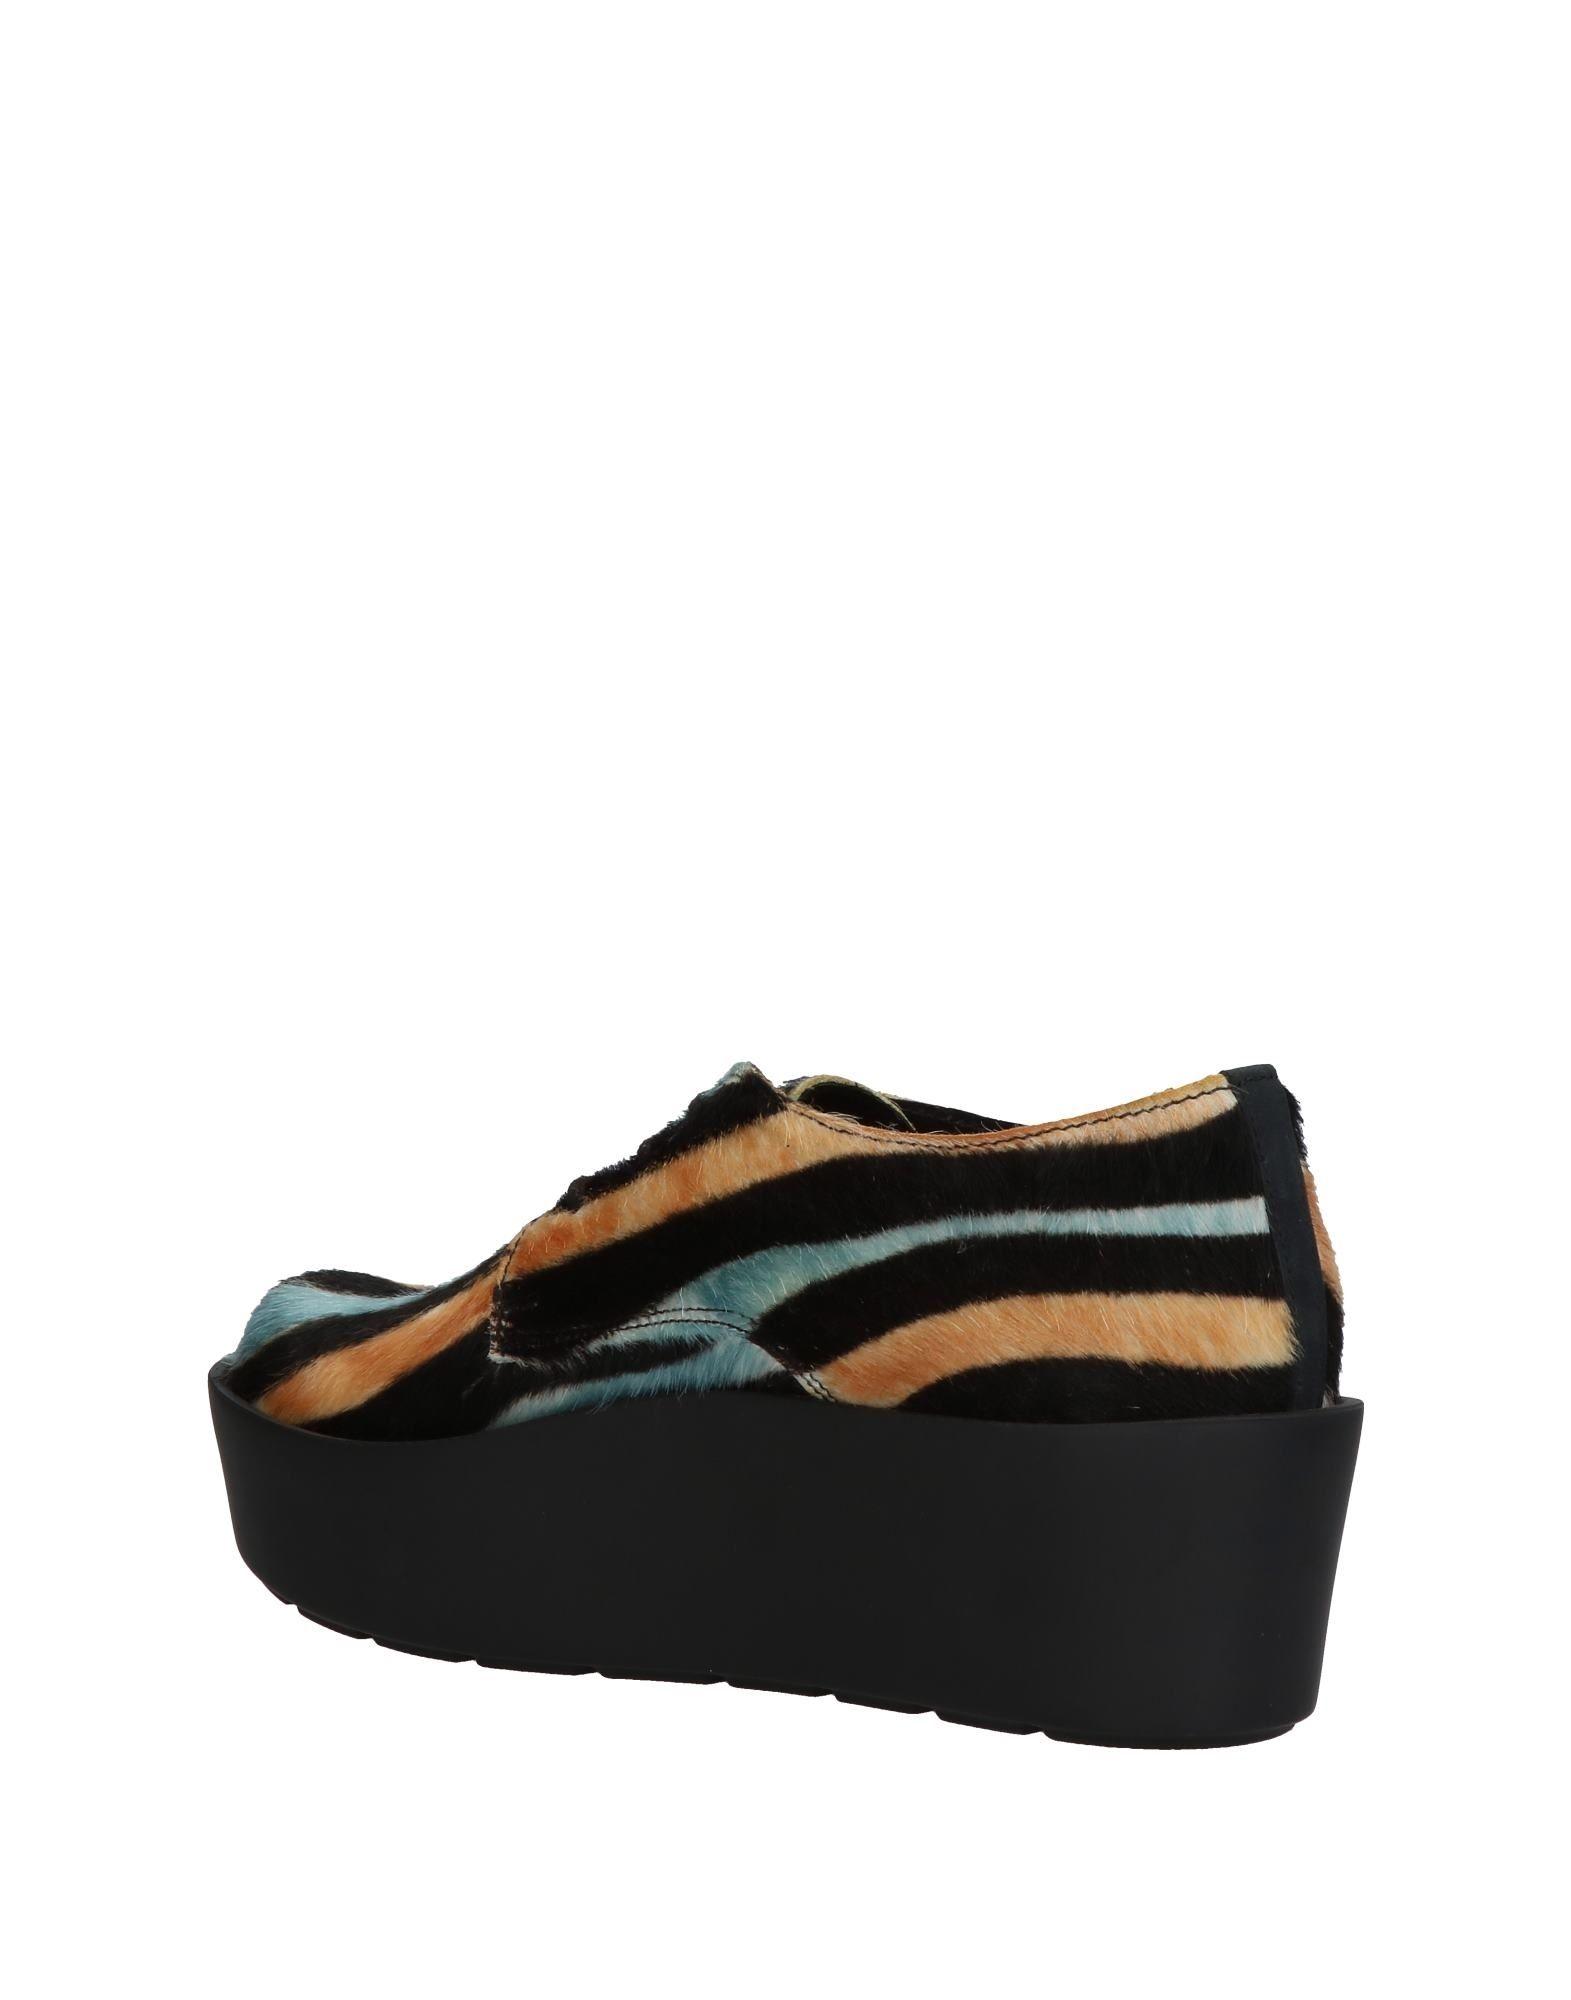 Papucei Schnürschuhe Damen Damen Schnürschuhe  11322562XX Gute Qualität beliebte Schuhe 5010f1